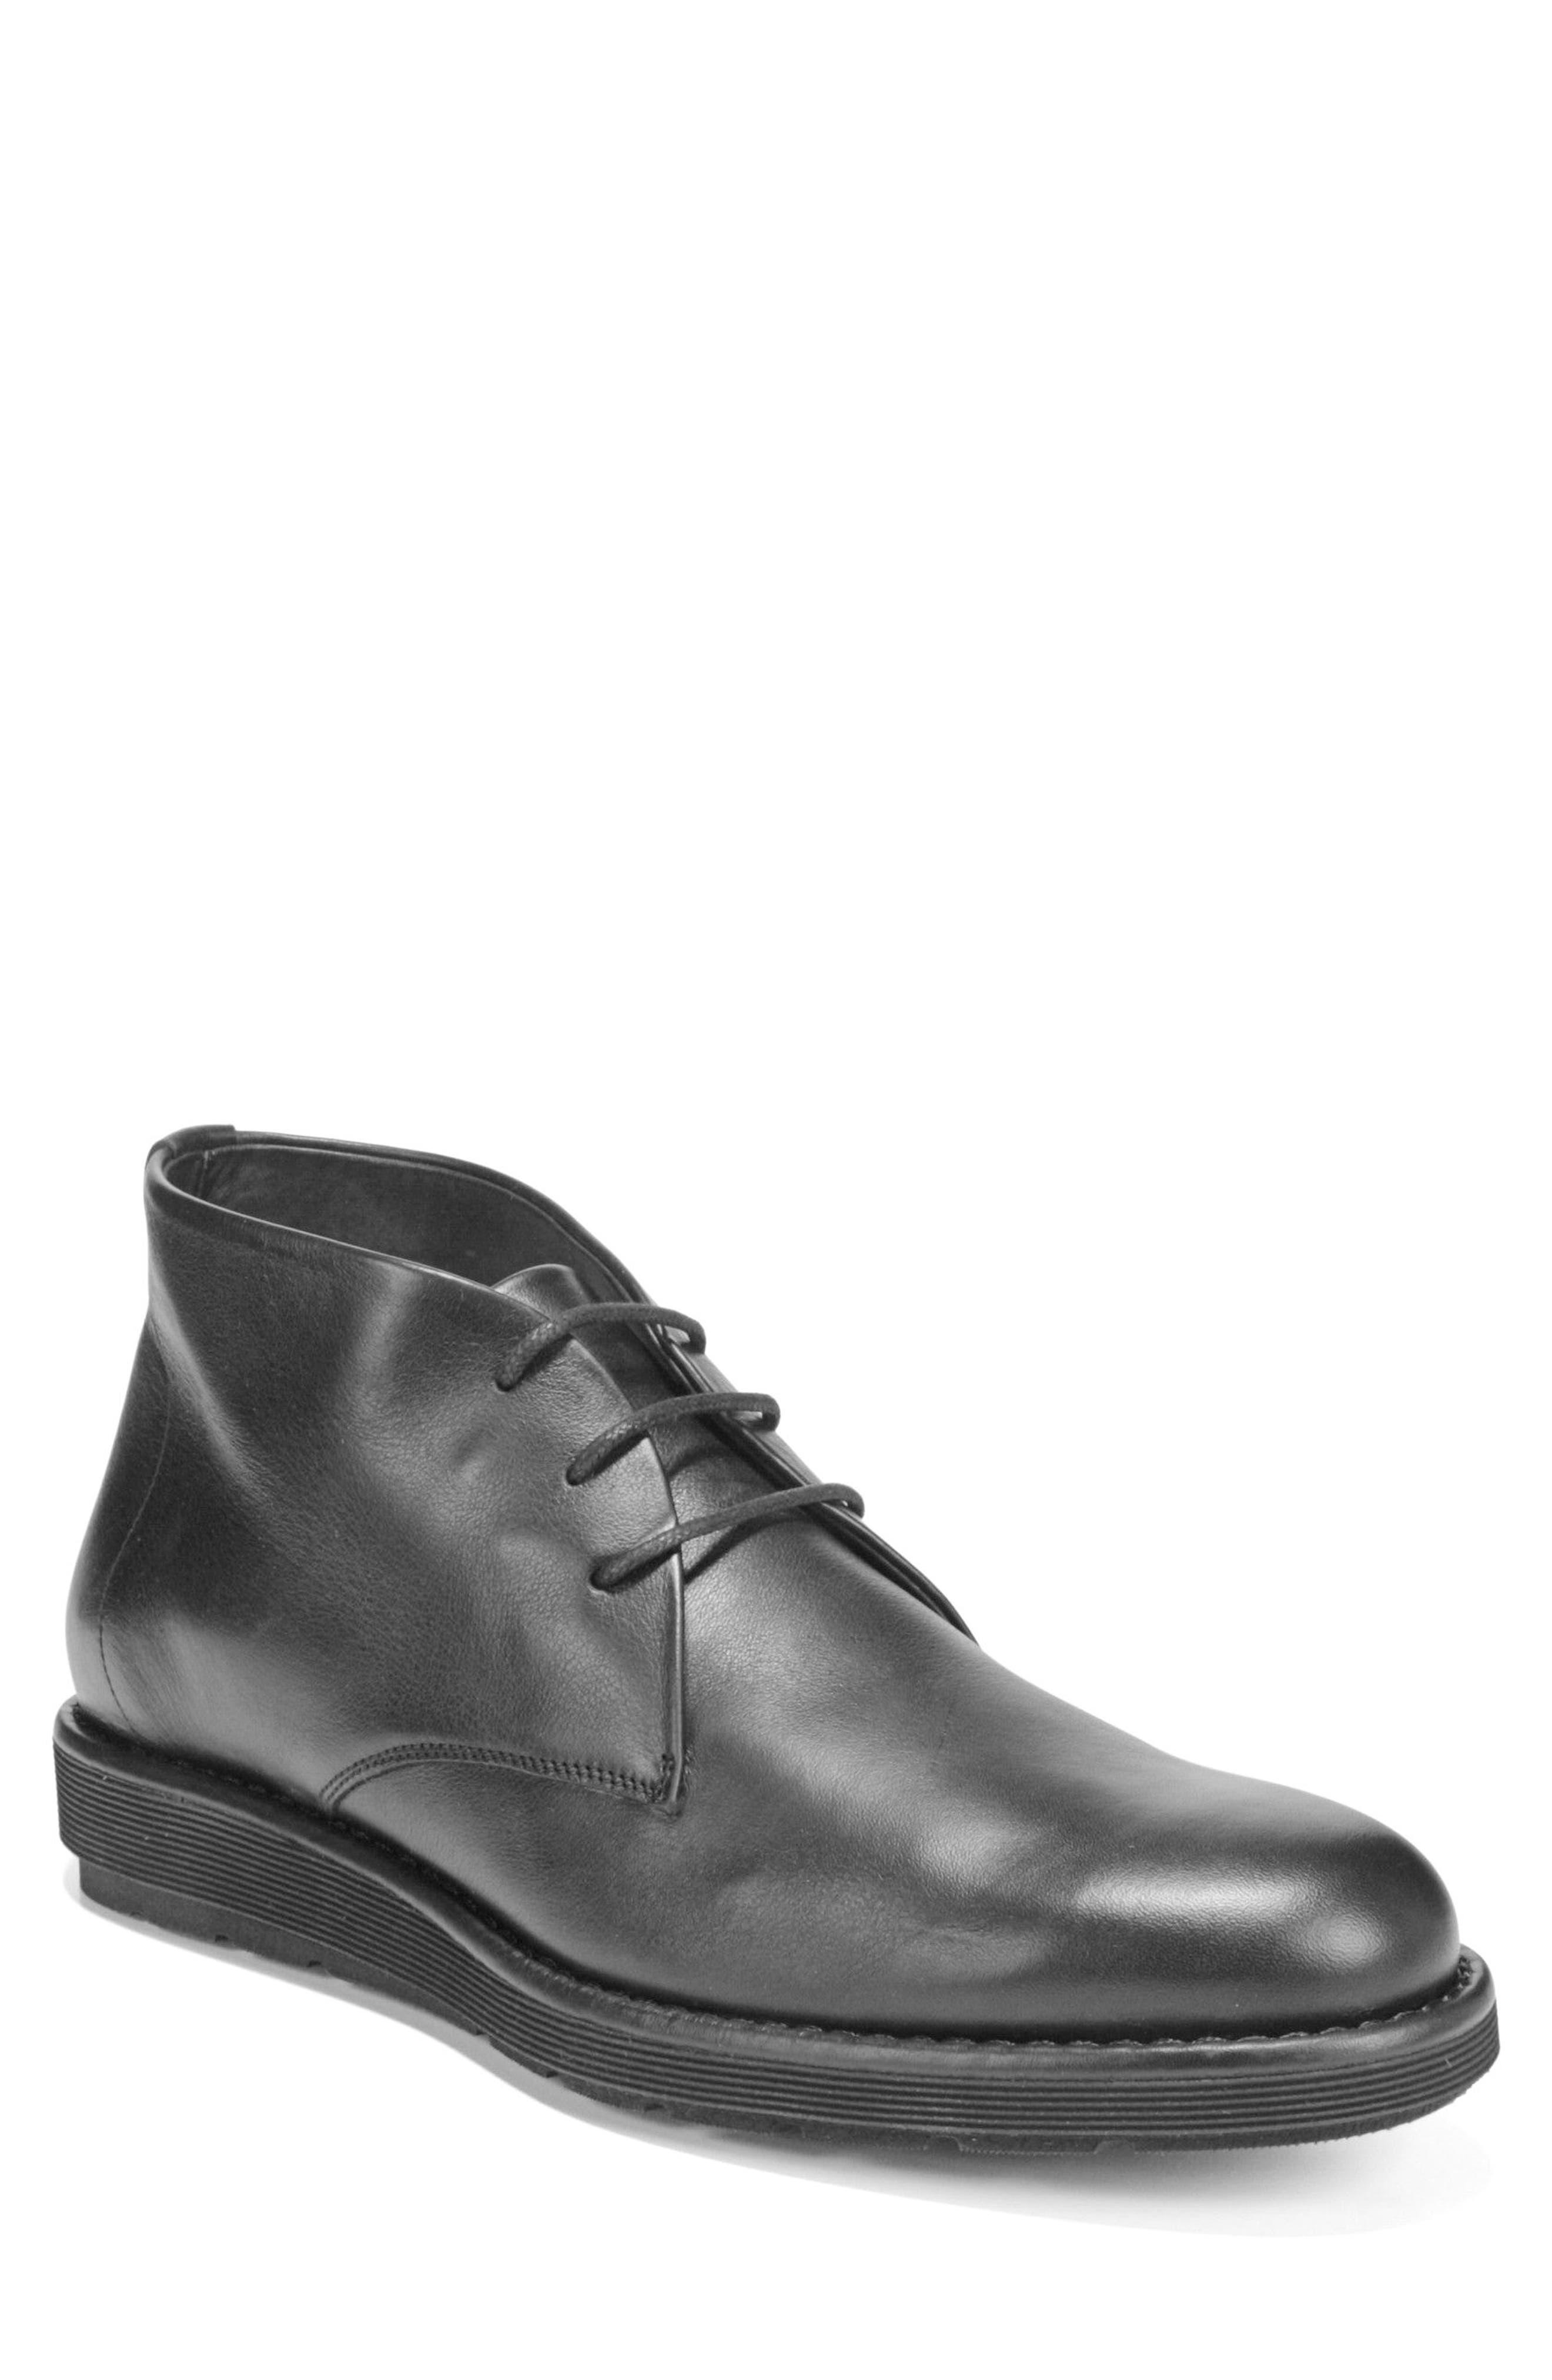 Walden Chukka Boot,                             Main thumbnail 1, color,                             BLACK